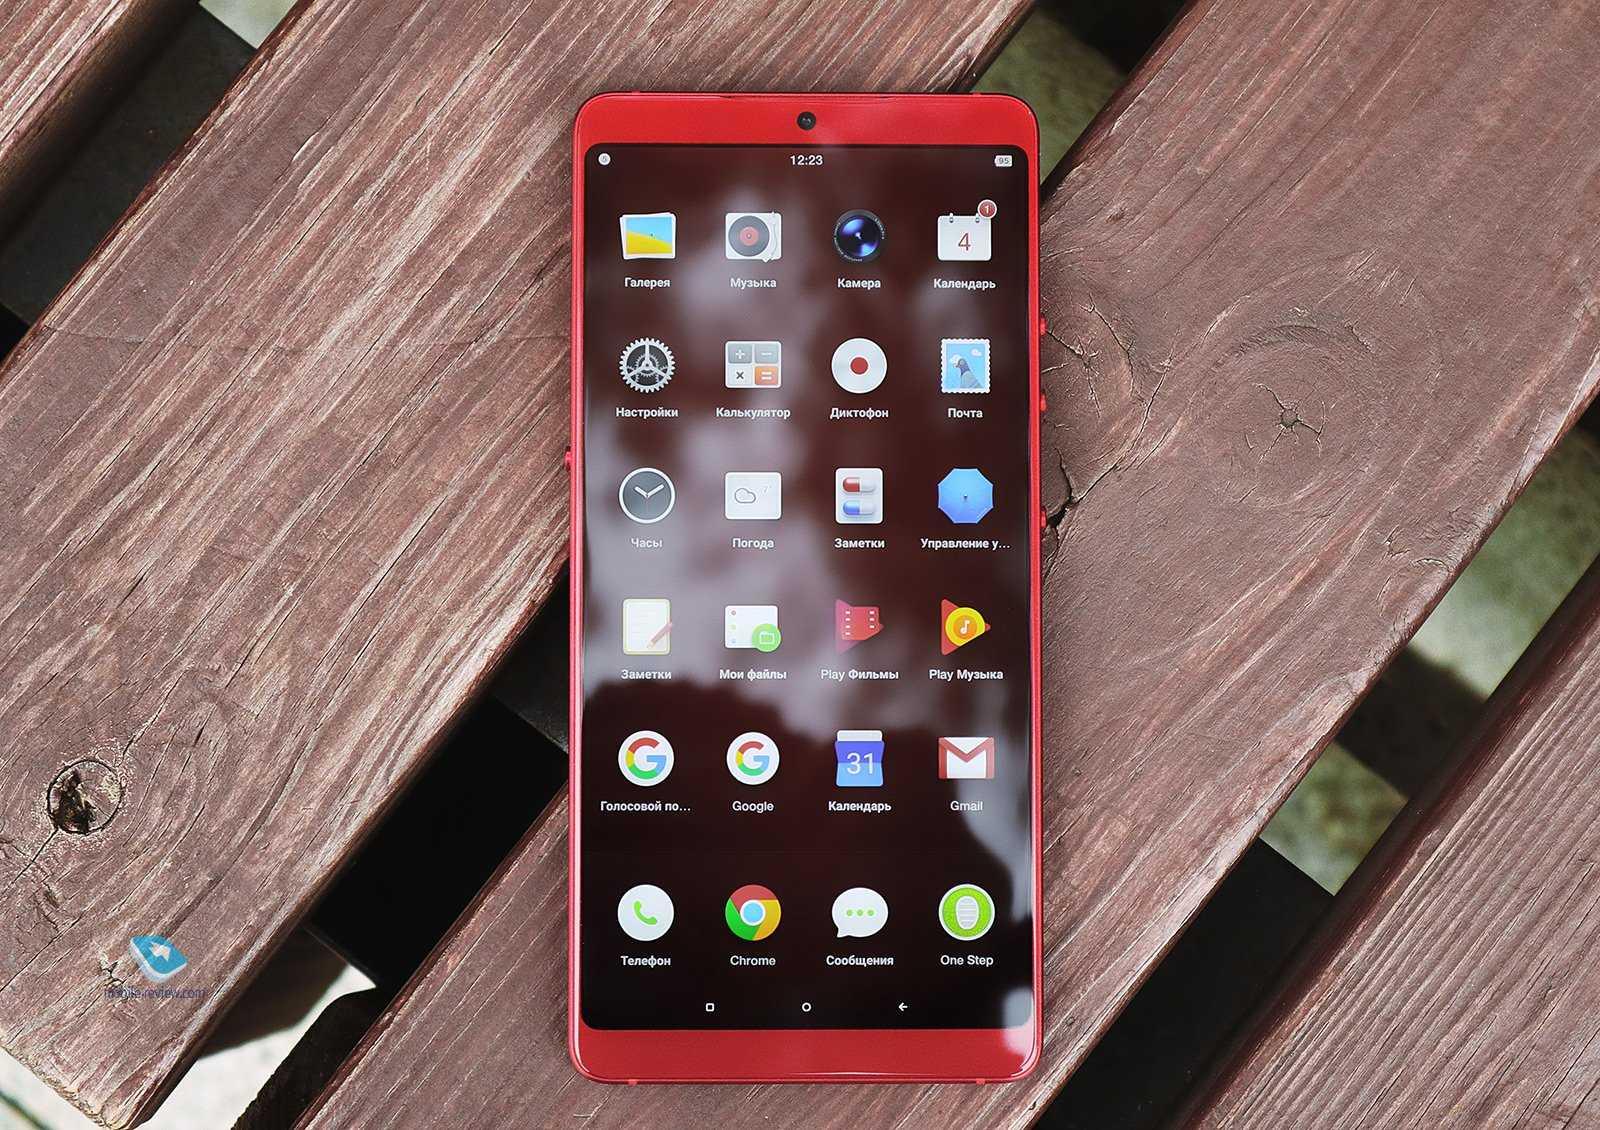 Smartisan nut pro 2 китайский зверь с интересными характеристиками - обзор, цена - stevsky.ru - обзоры смартфонов, игры на андроид и на пк